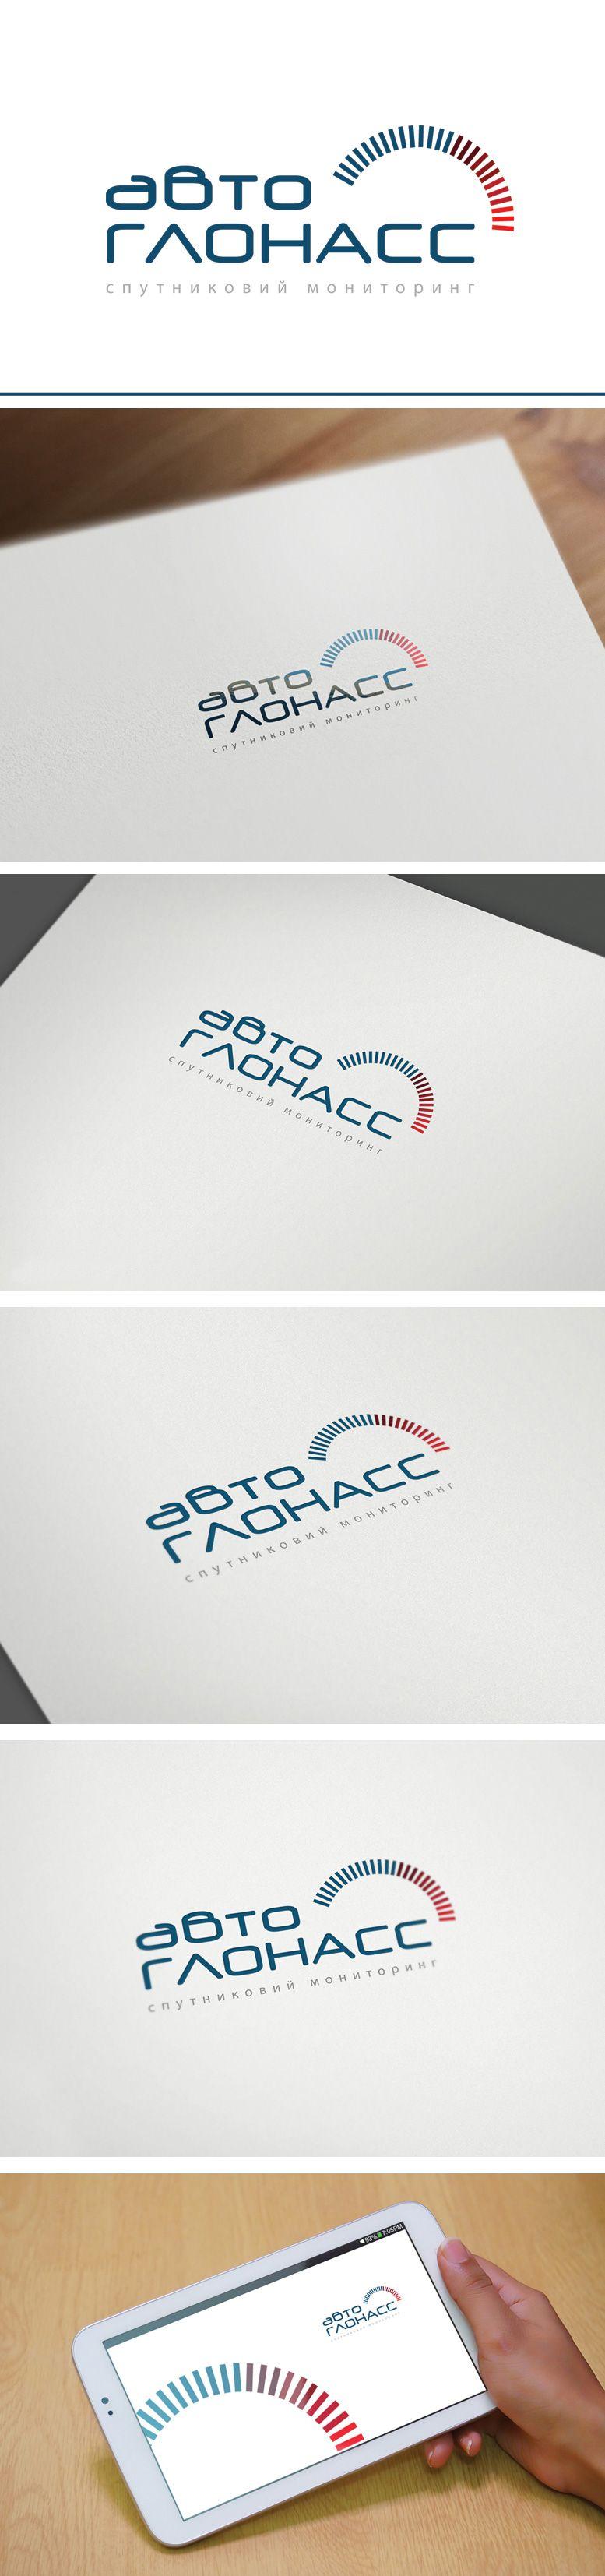 Логотип и фирменный стиль проекта АвтоГЛОНАСС - дизайнер GreenRed